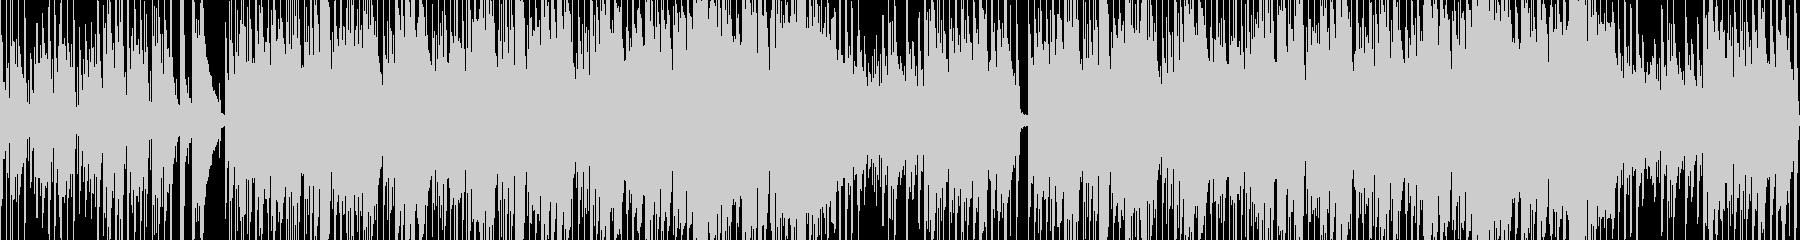 カフェで流れるジャズの未再生の波形